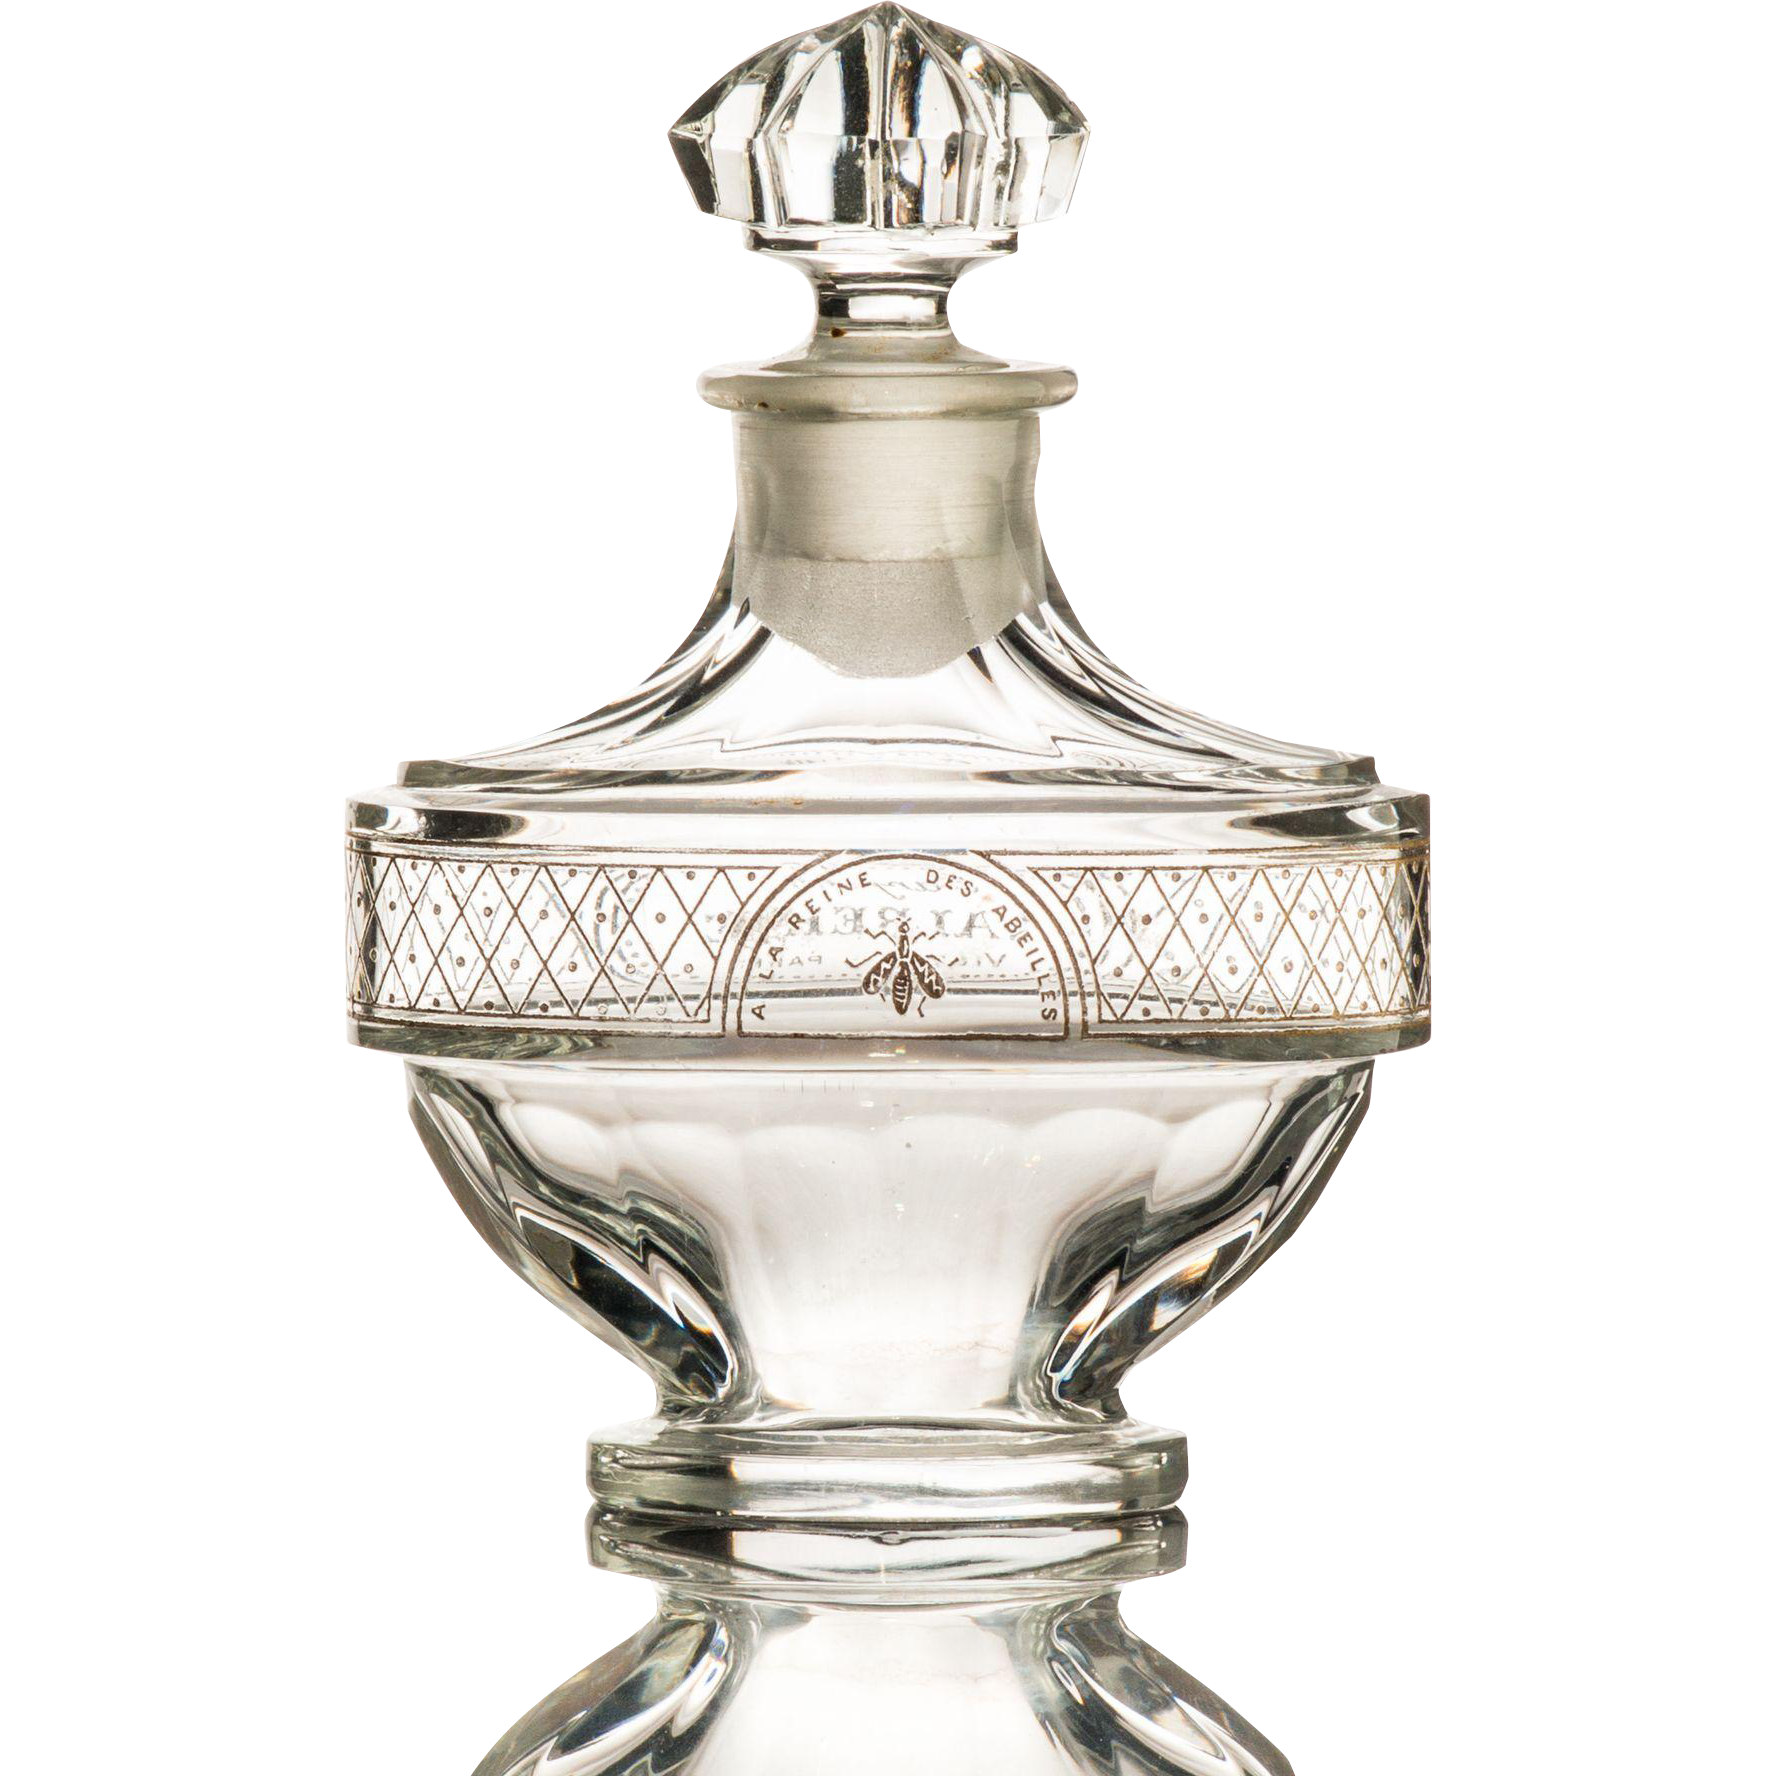 Baccarat Perfume Bottles